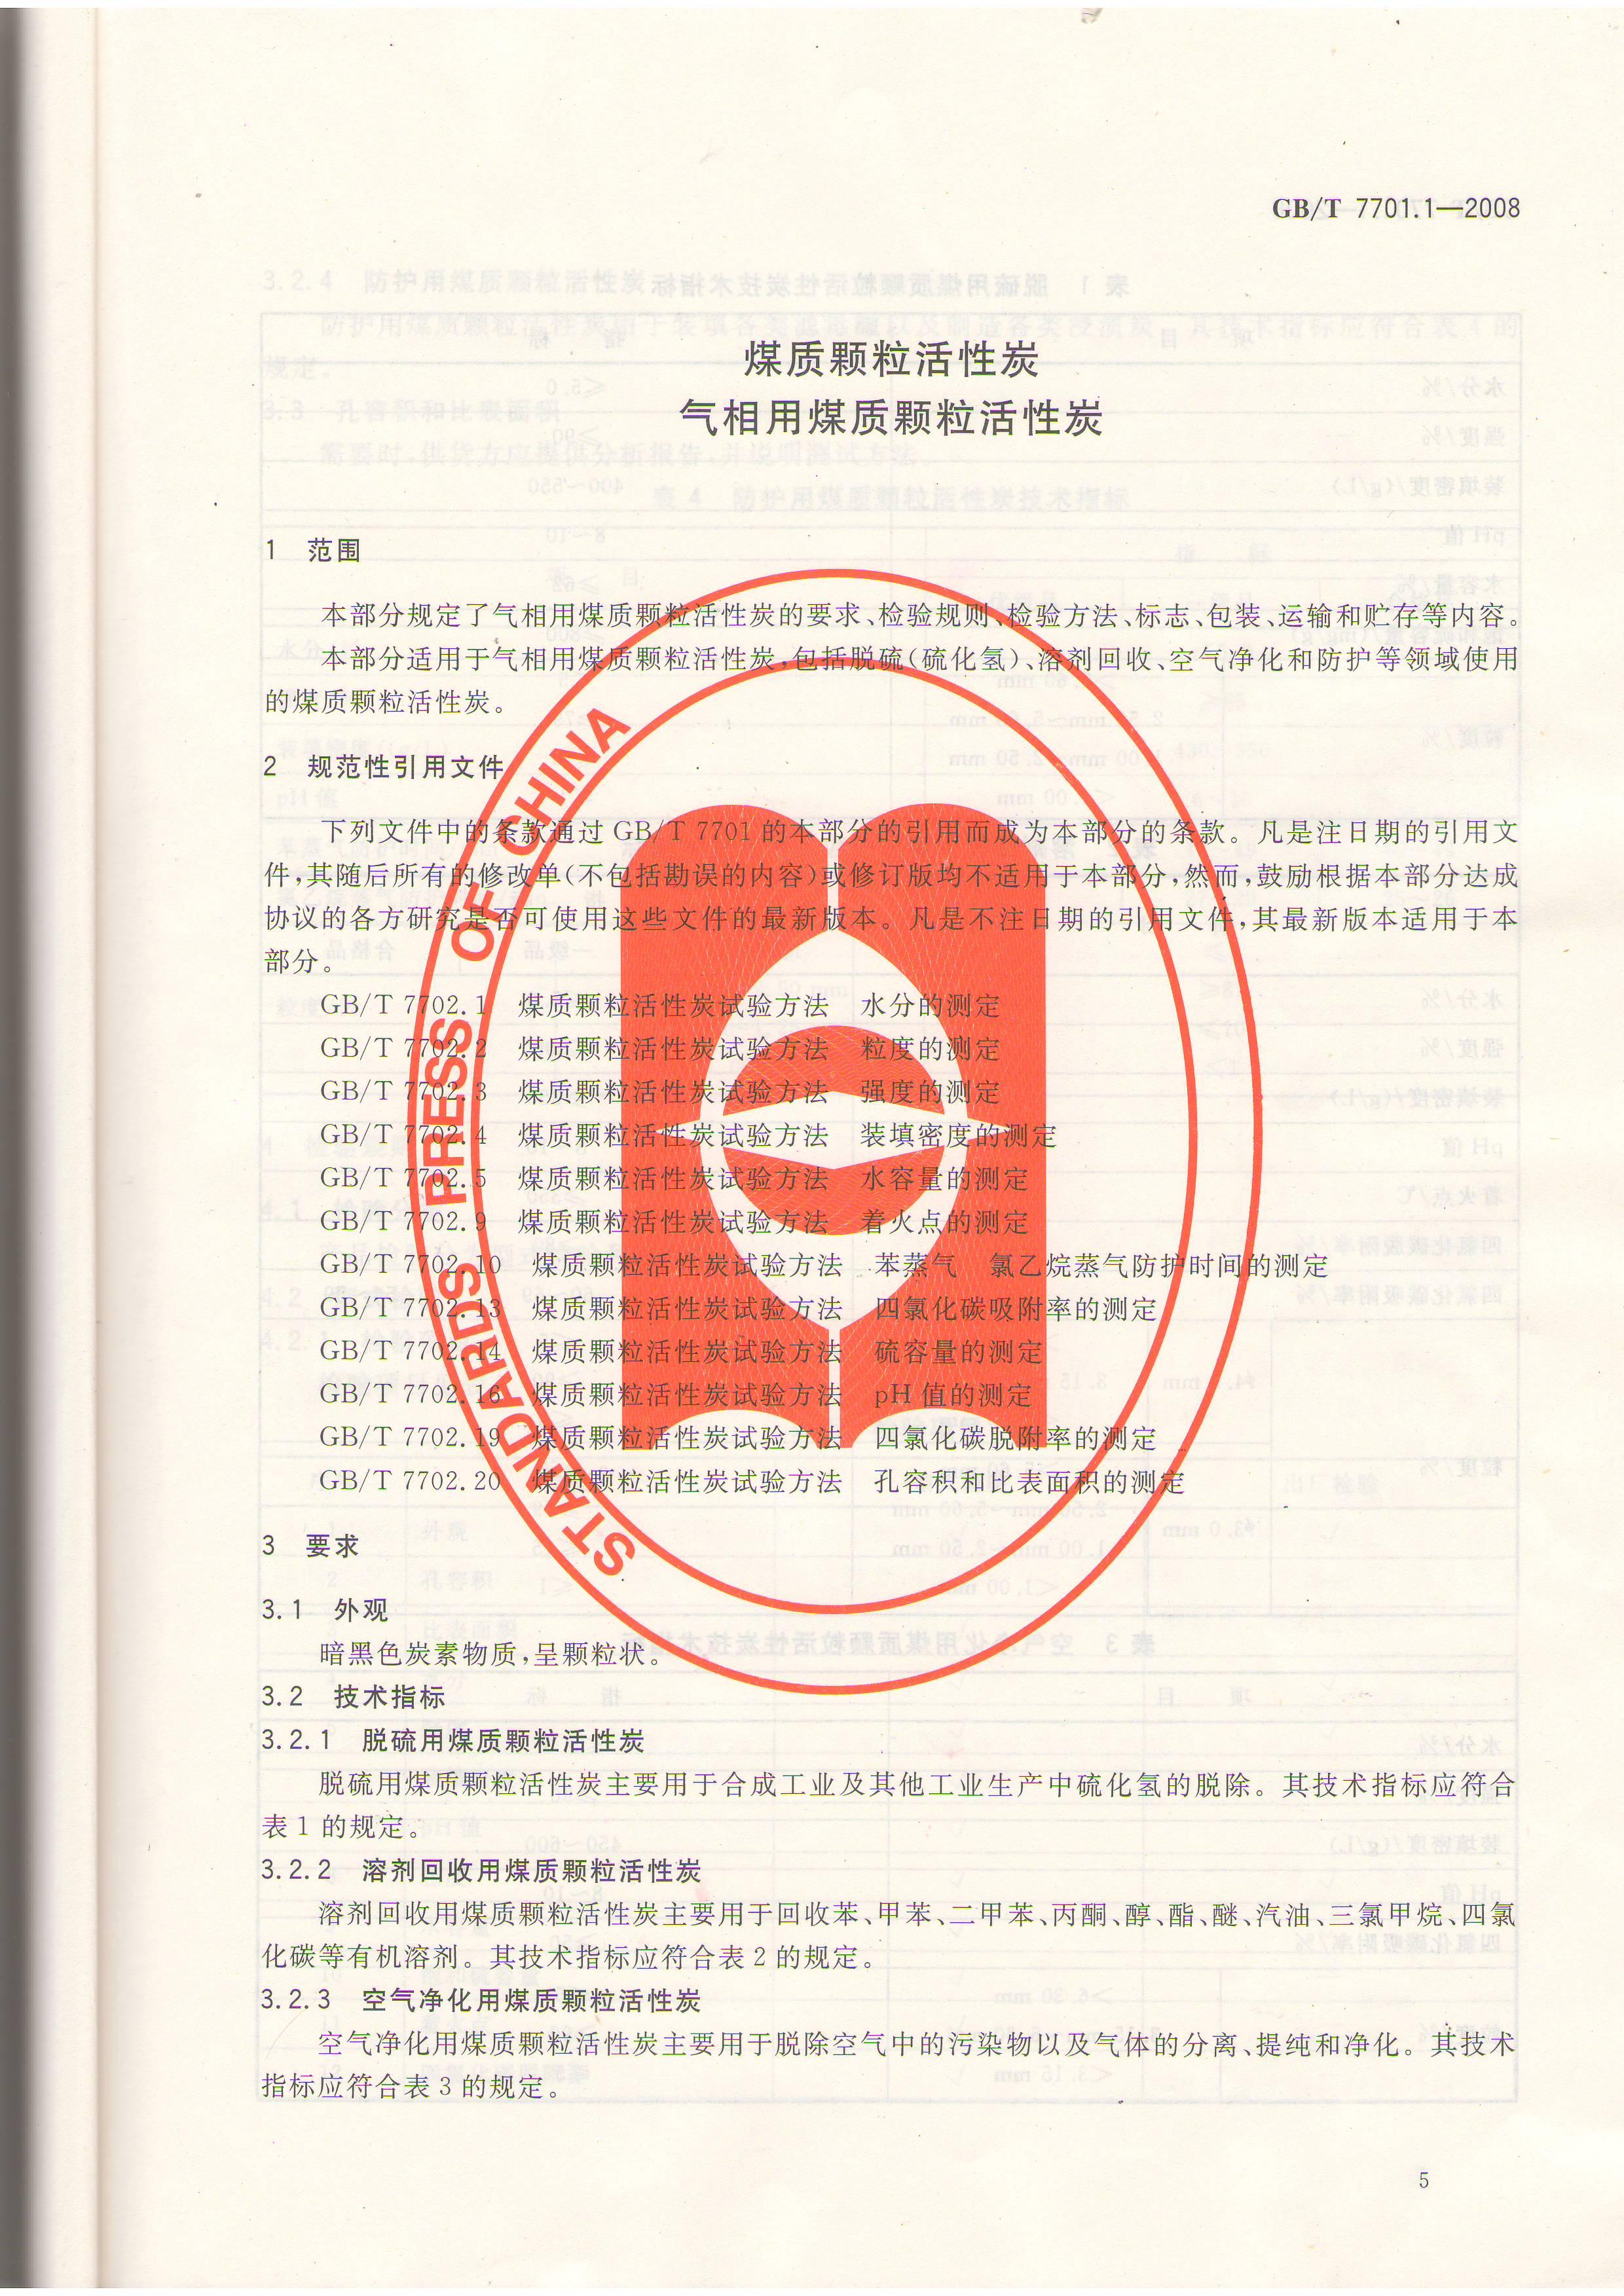 国家质量监督总局_中华人民共和国国家质量监督检验检疫总局-河南嵩山科技有限公司